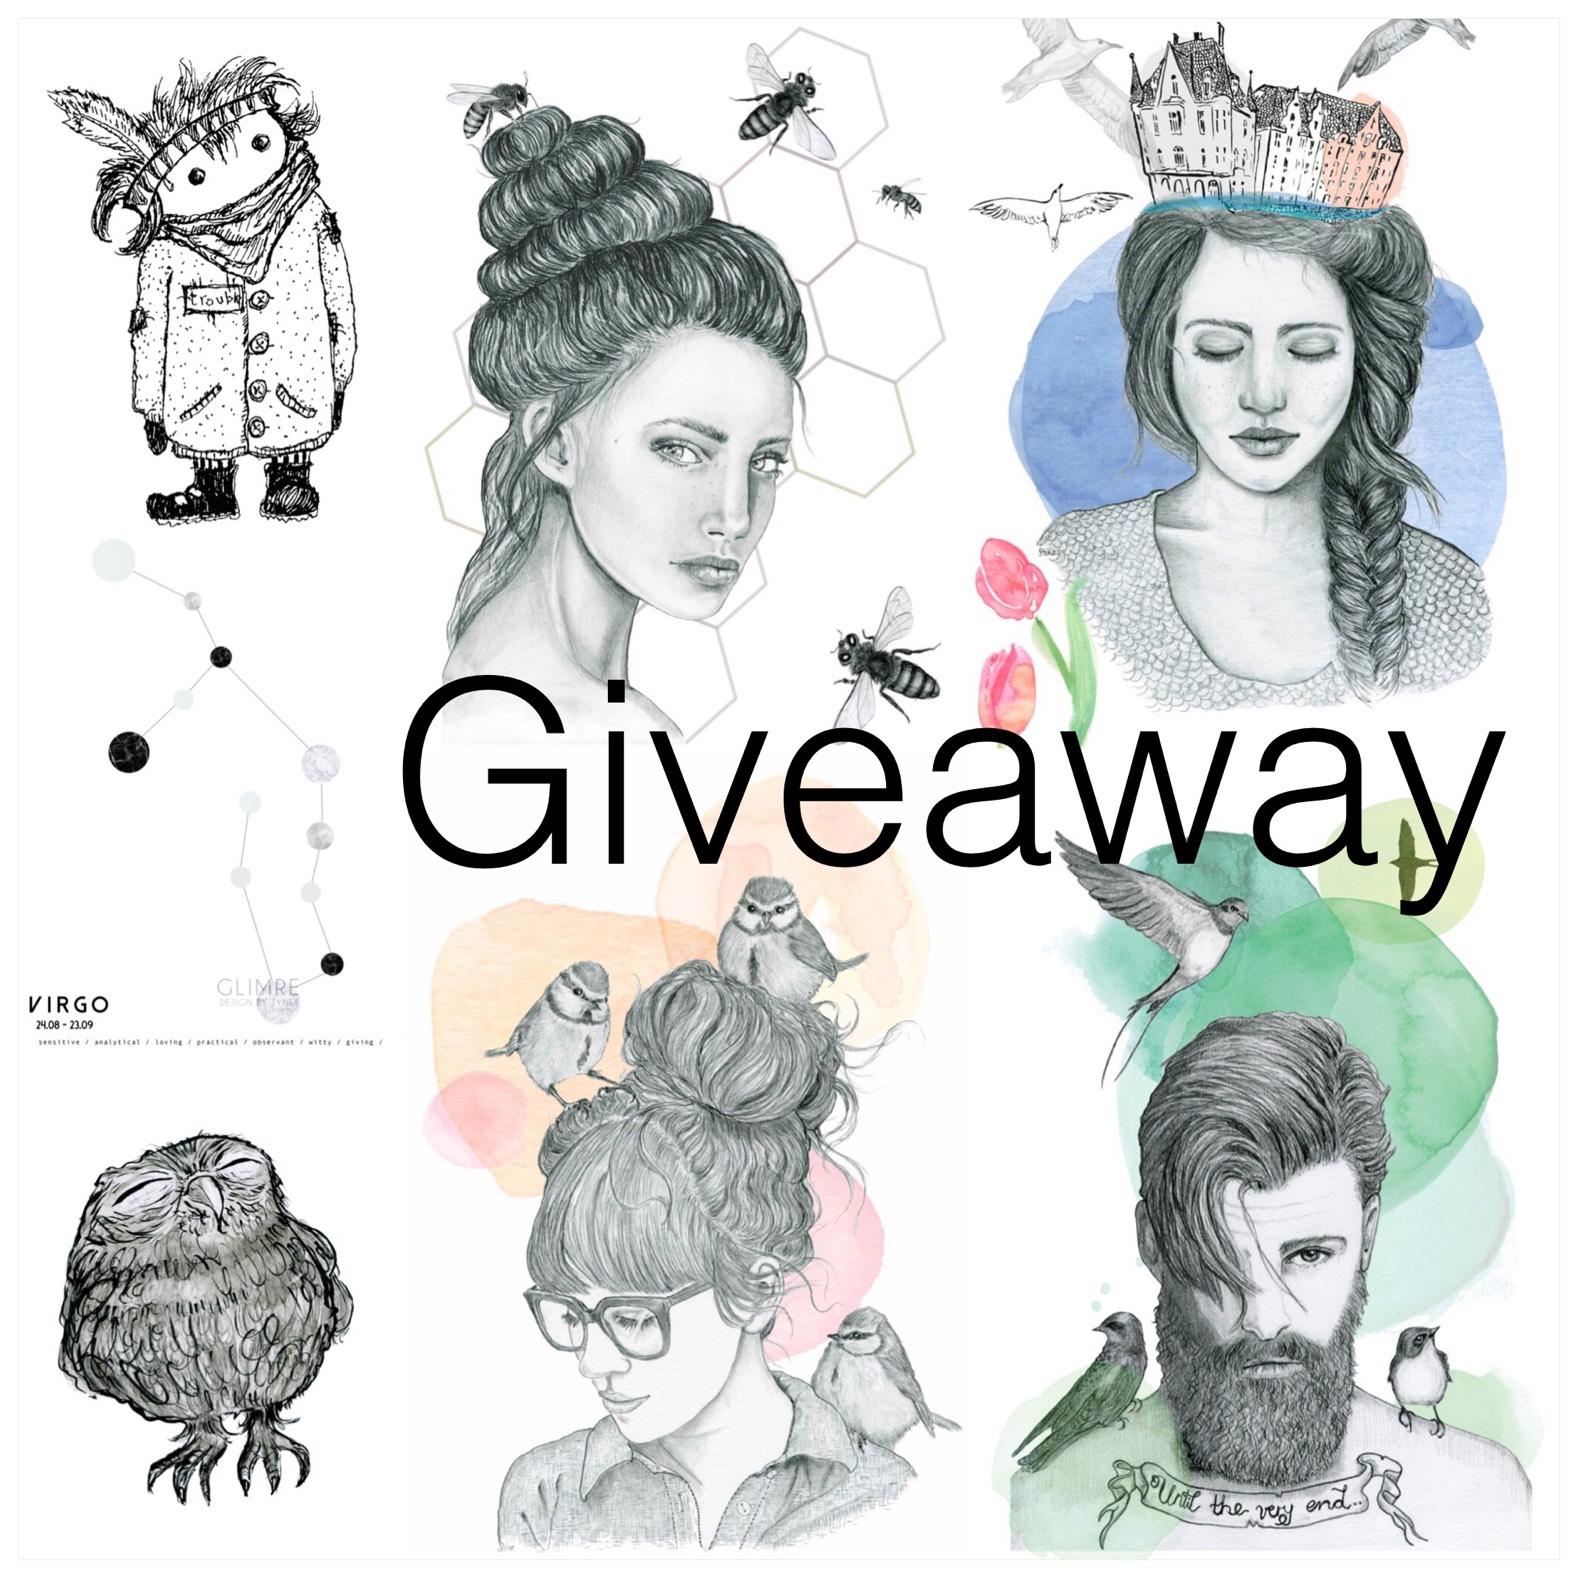 Giveaway – Valgfri plakat fra Glimre design